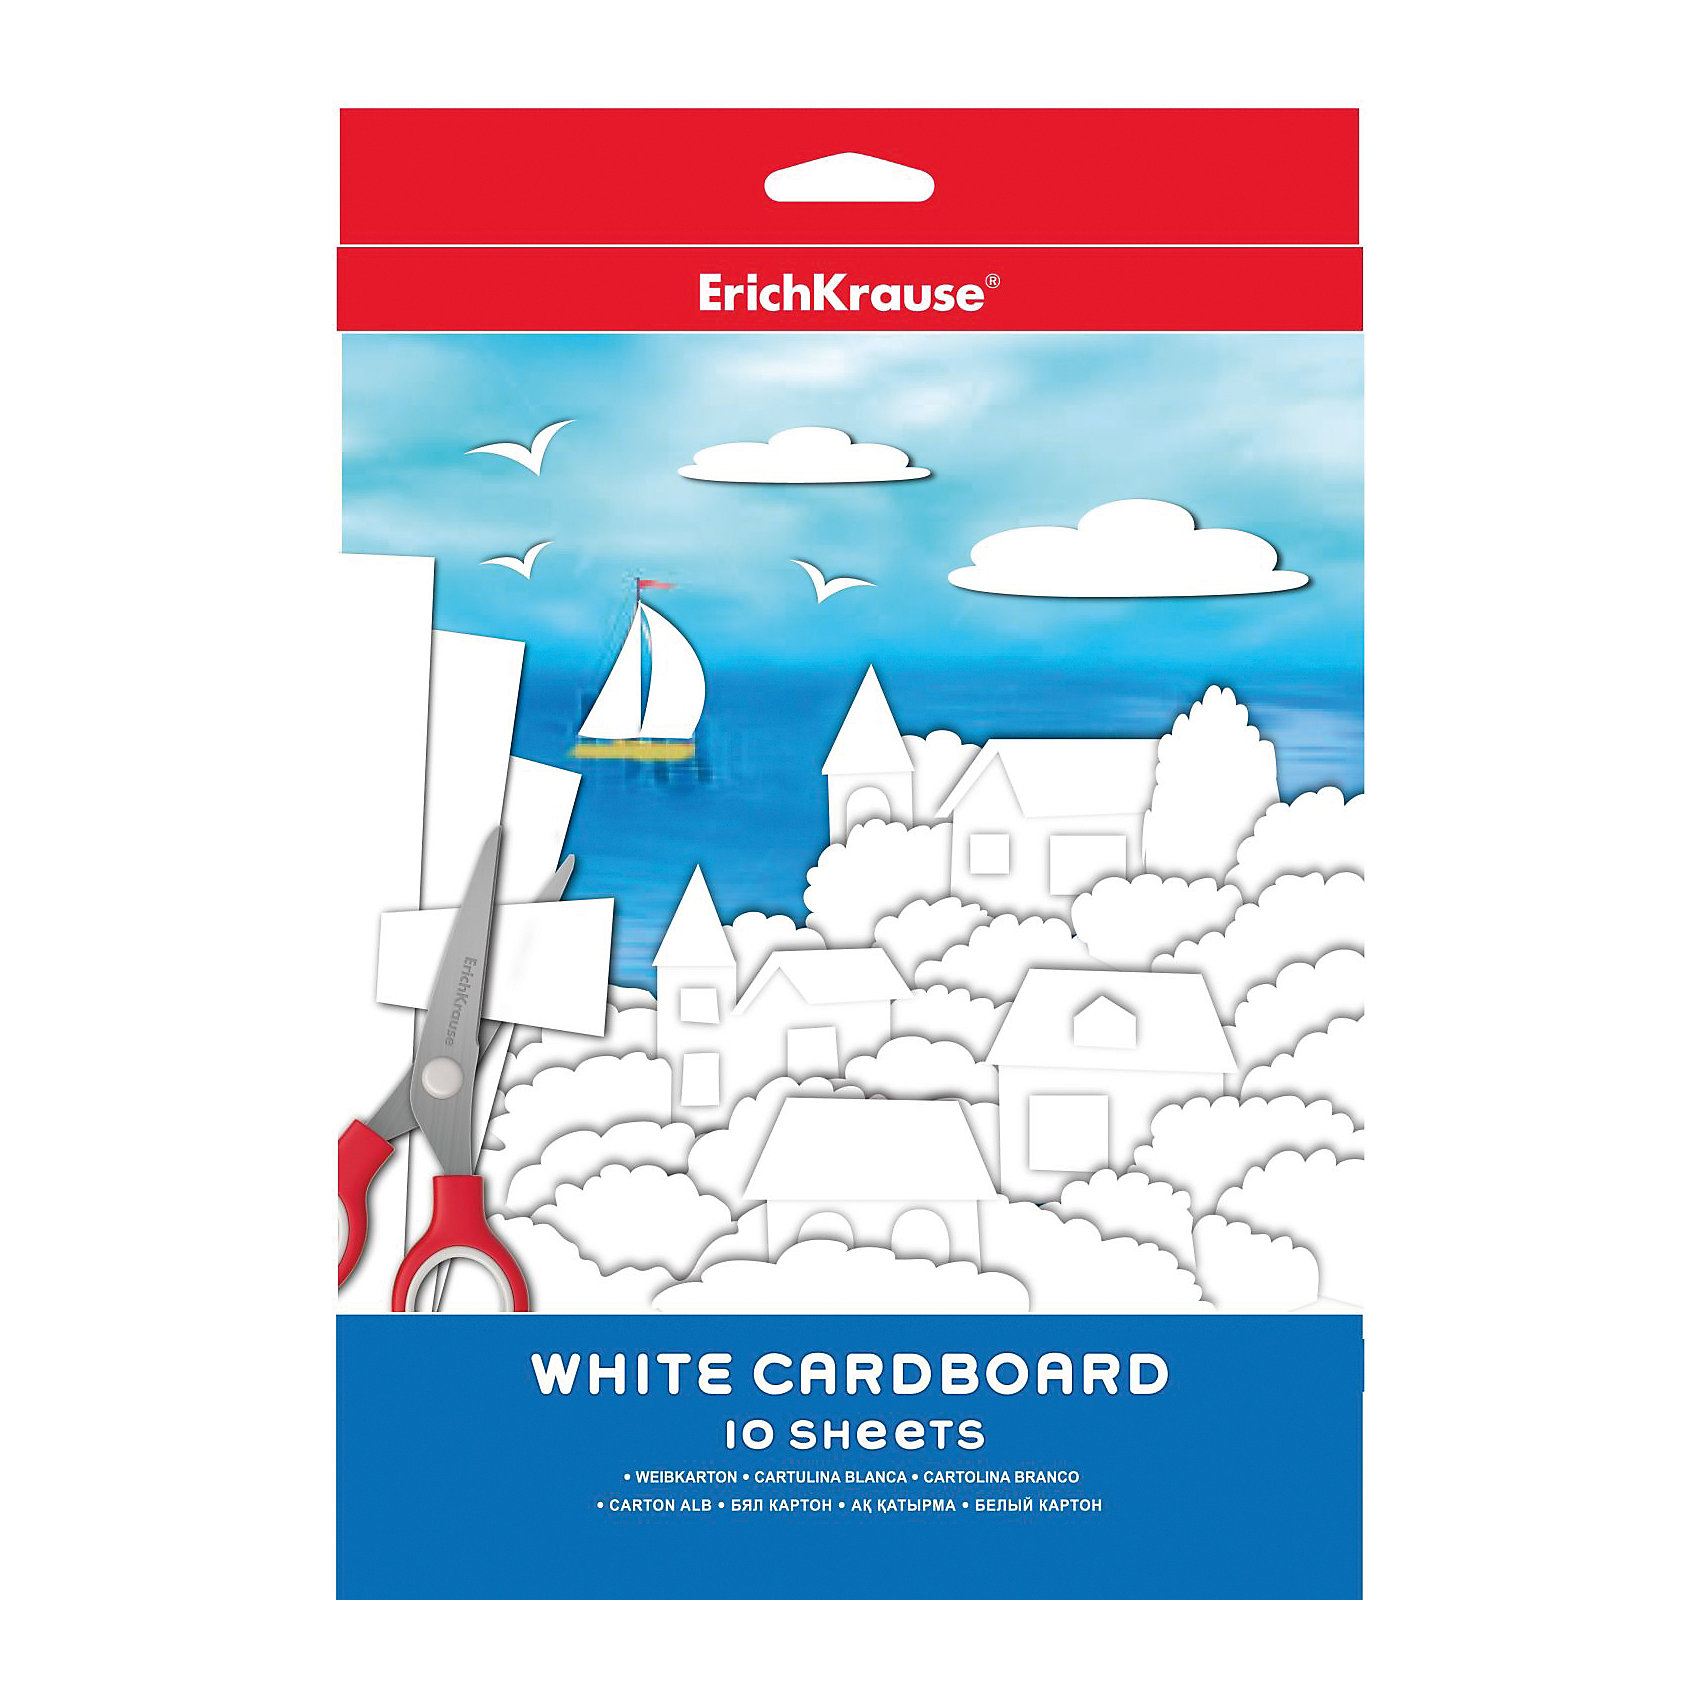 Белый картон (10 листов)Набор классического Белого картона (10 листов) – великолепная основа, которую удобно использовать для создания аппликаций, открыток, пригласительных и т.д.<br><br>Комплектация: 10 листов<br><br>Дополнительная информация:<br>-Вес в упаковке: 138 г<br>-Размеры в упаковке: 297х210х10 мм<br>-Материалы: картон<br><br>Белый картон (10 листов) – отличный подарок для детей, увлекающихся творчеством,  ведь создание поделок из картона – это прекрасный вариант детского досуга!  <br><br>Белый картон (10 листов) можно купить в нашем магазине.<br><br>Ширина мм: 297<br>Глубина мм: 210<br>Высота мм: 10<br>Вес г: 138<br>Возраст от месяцев: 36<br>Возраст до месяцев: 144<br>Пол: Унисекс<br>Возраст: Детский<br>SKU: 4058299